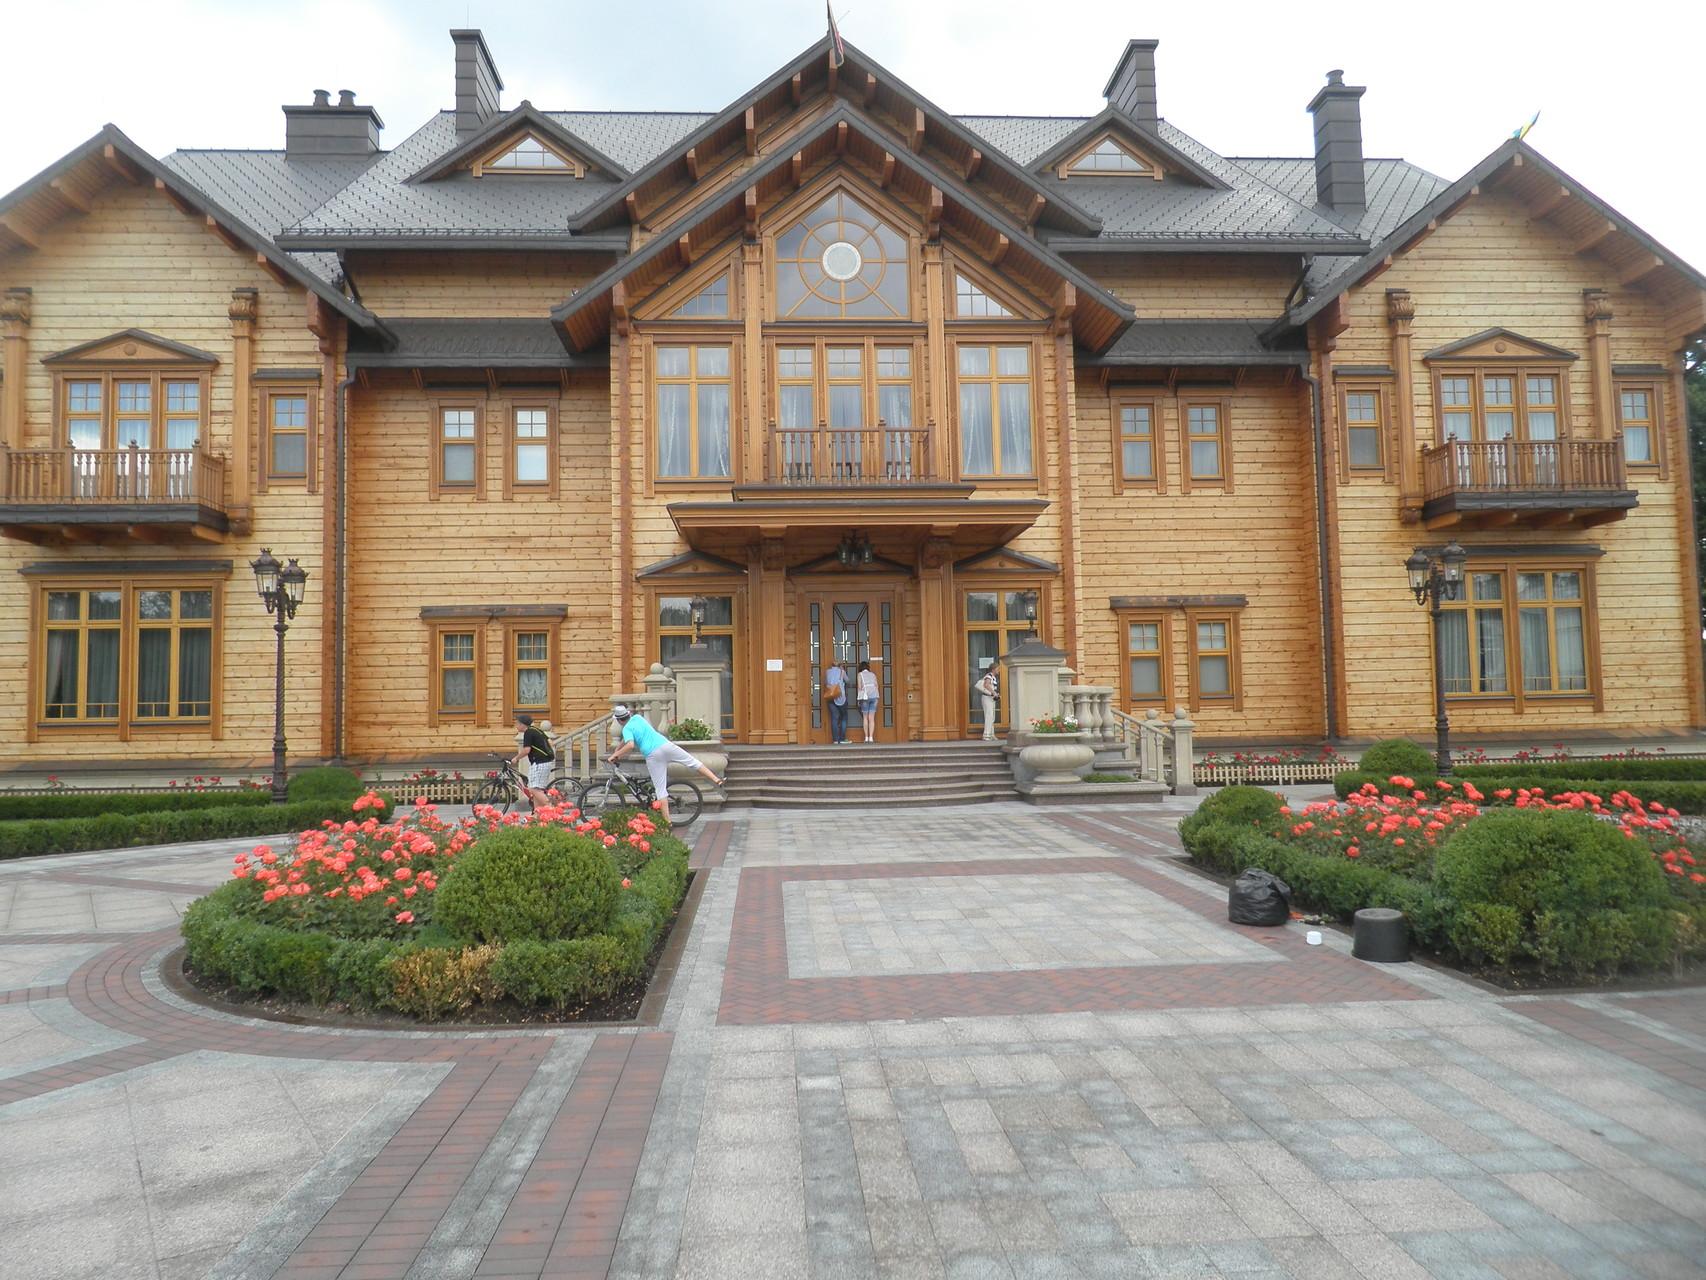 Das bescheidene Wohnhaus vom ex. Präsident Janukowytsch